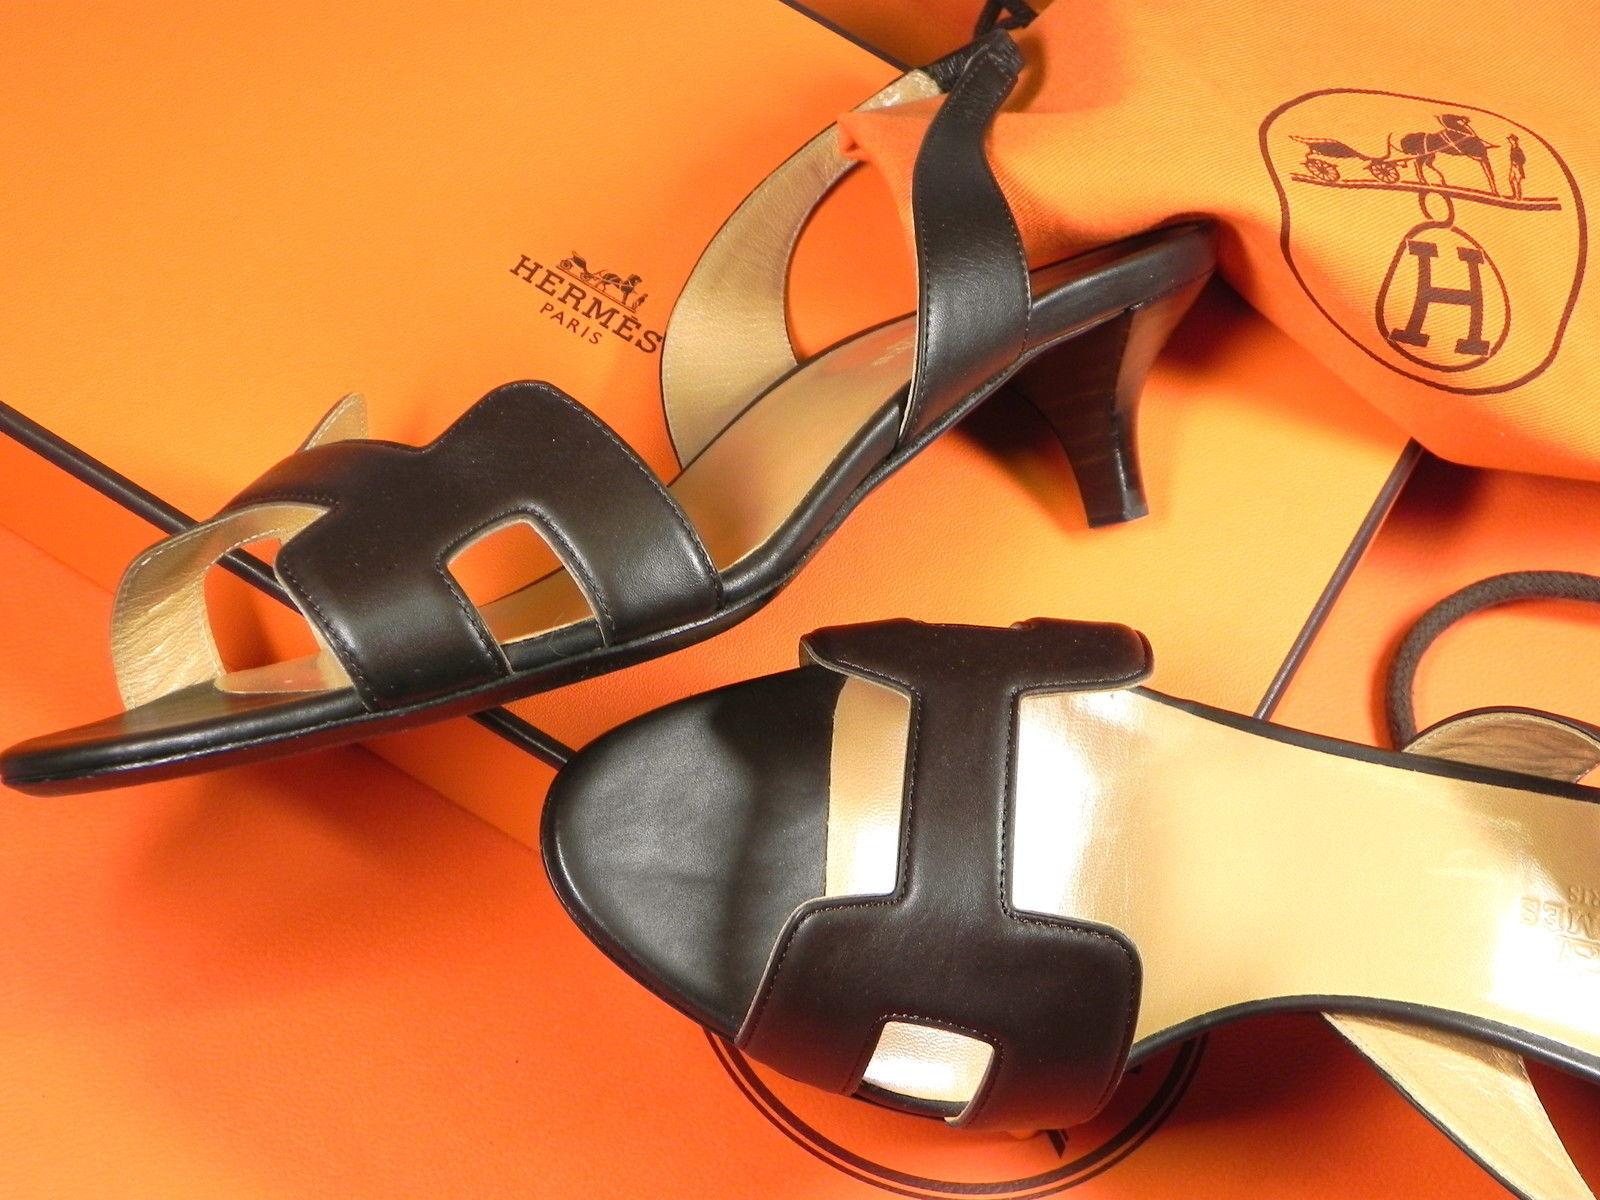 ORIGINAL Sandales avec paragraphe du luxe Label's Hermès Paris Paris Paris taille 38 d933eb